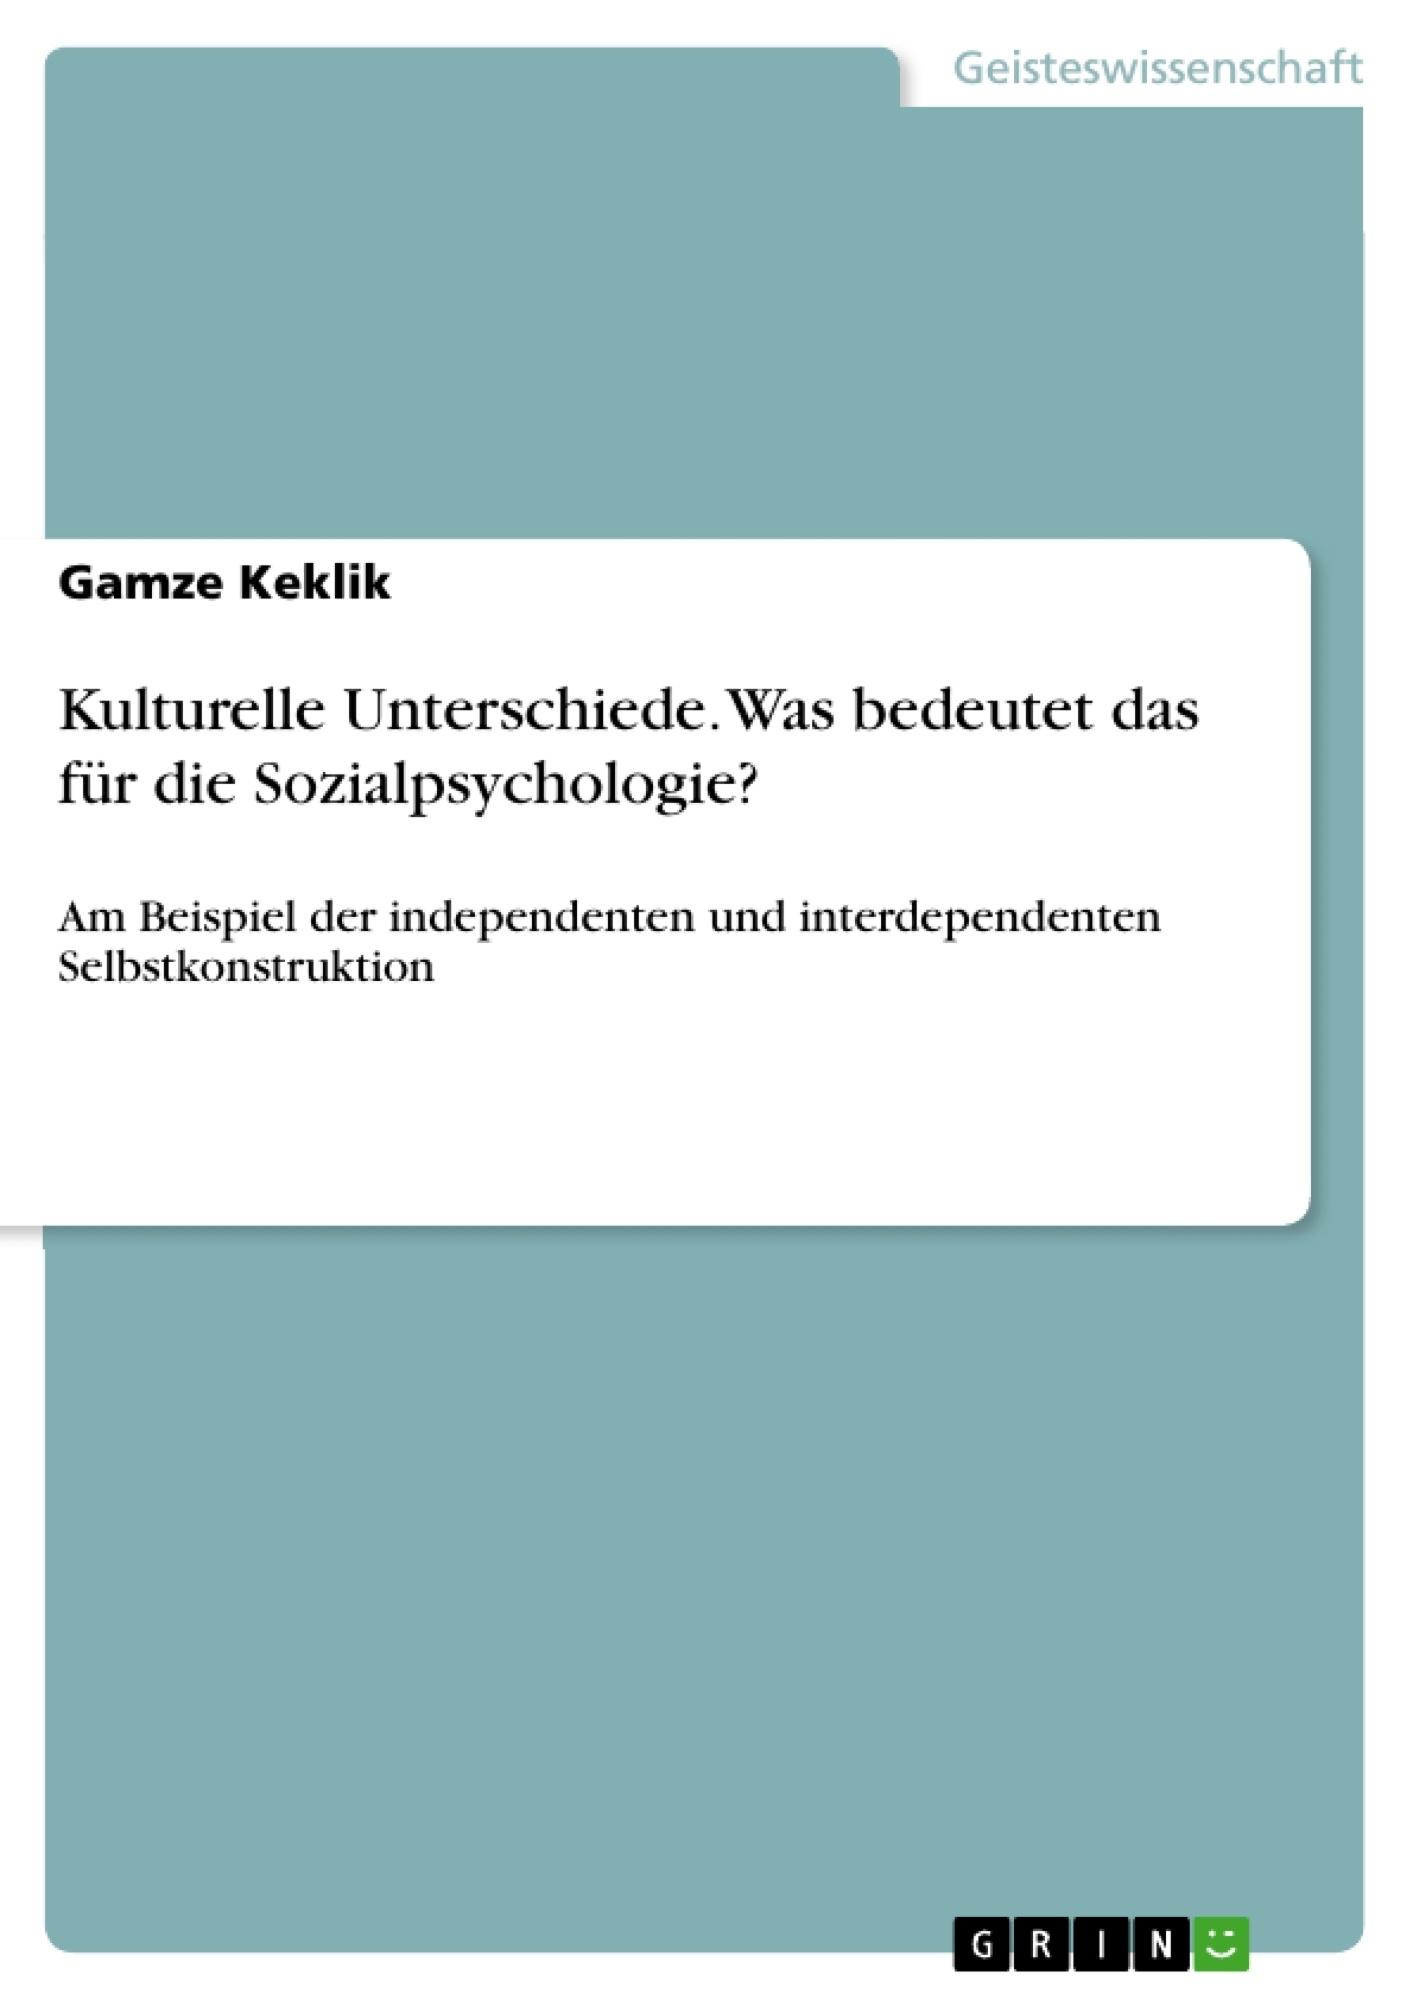 Titel: Kulturelle Unterschiede. Was bedeutet das für die Sozialpsychologie?